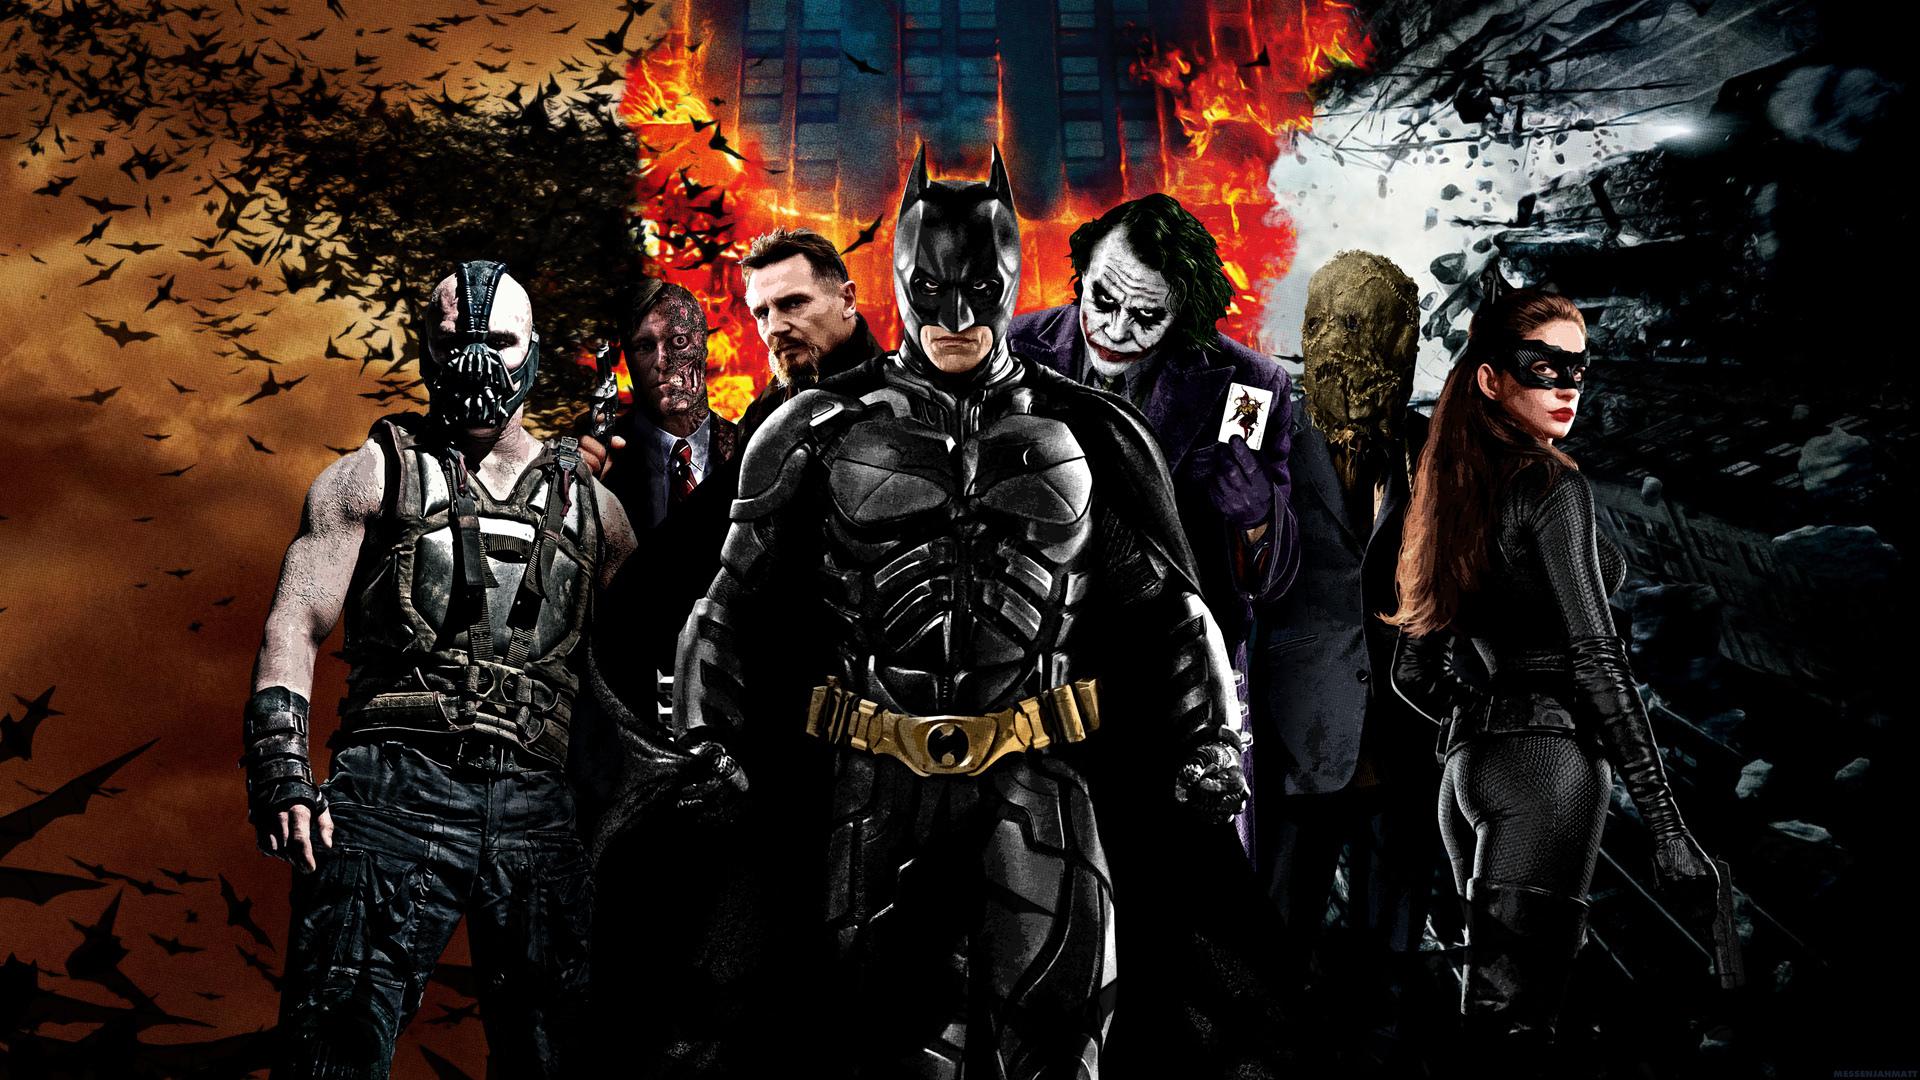 batman-begins-wallpaper-batman-begins-the-dark-knight-widescreen